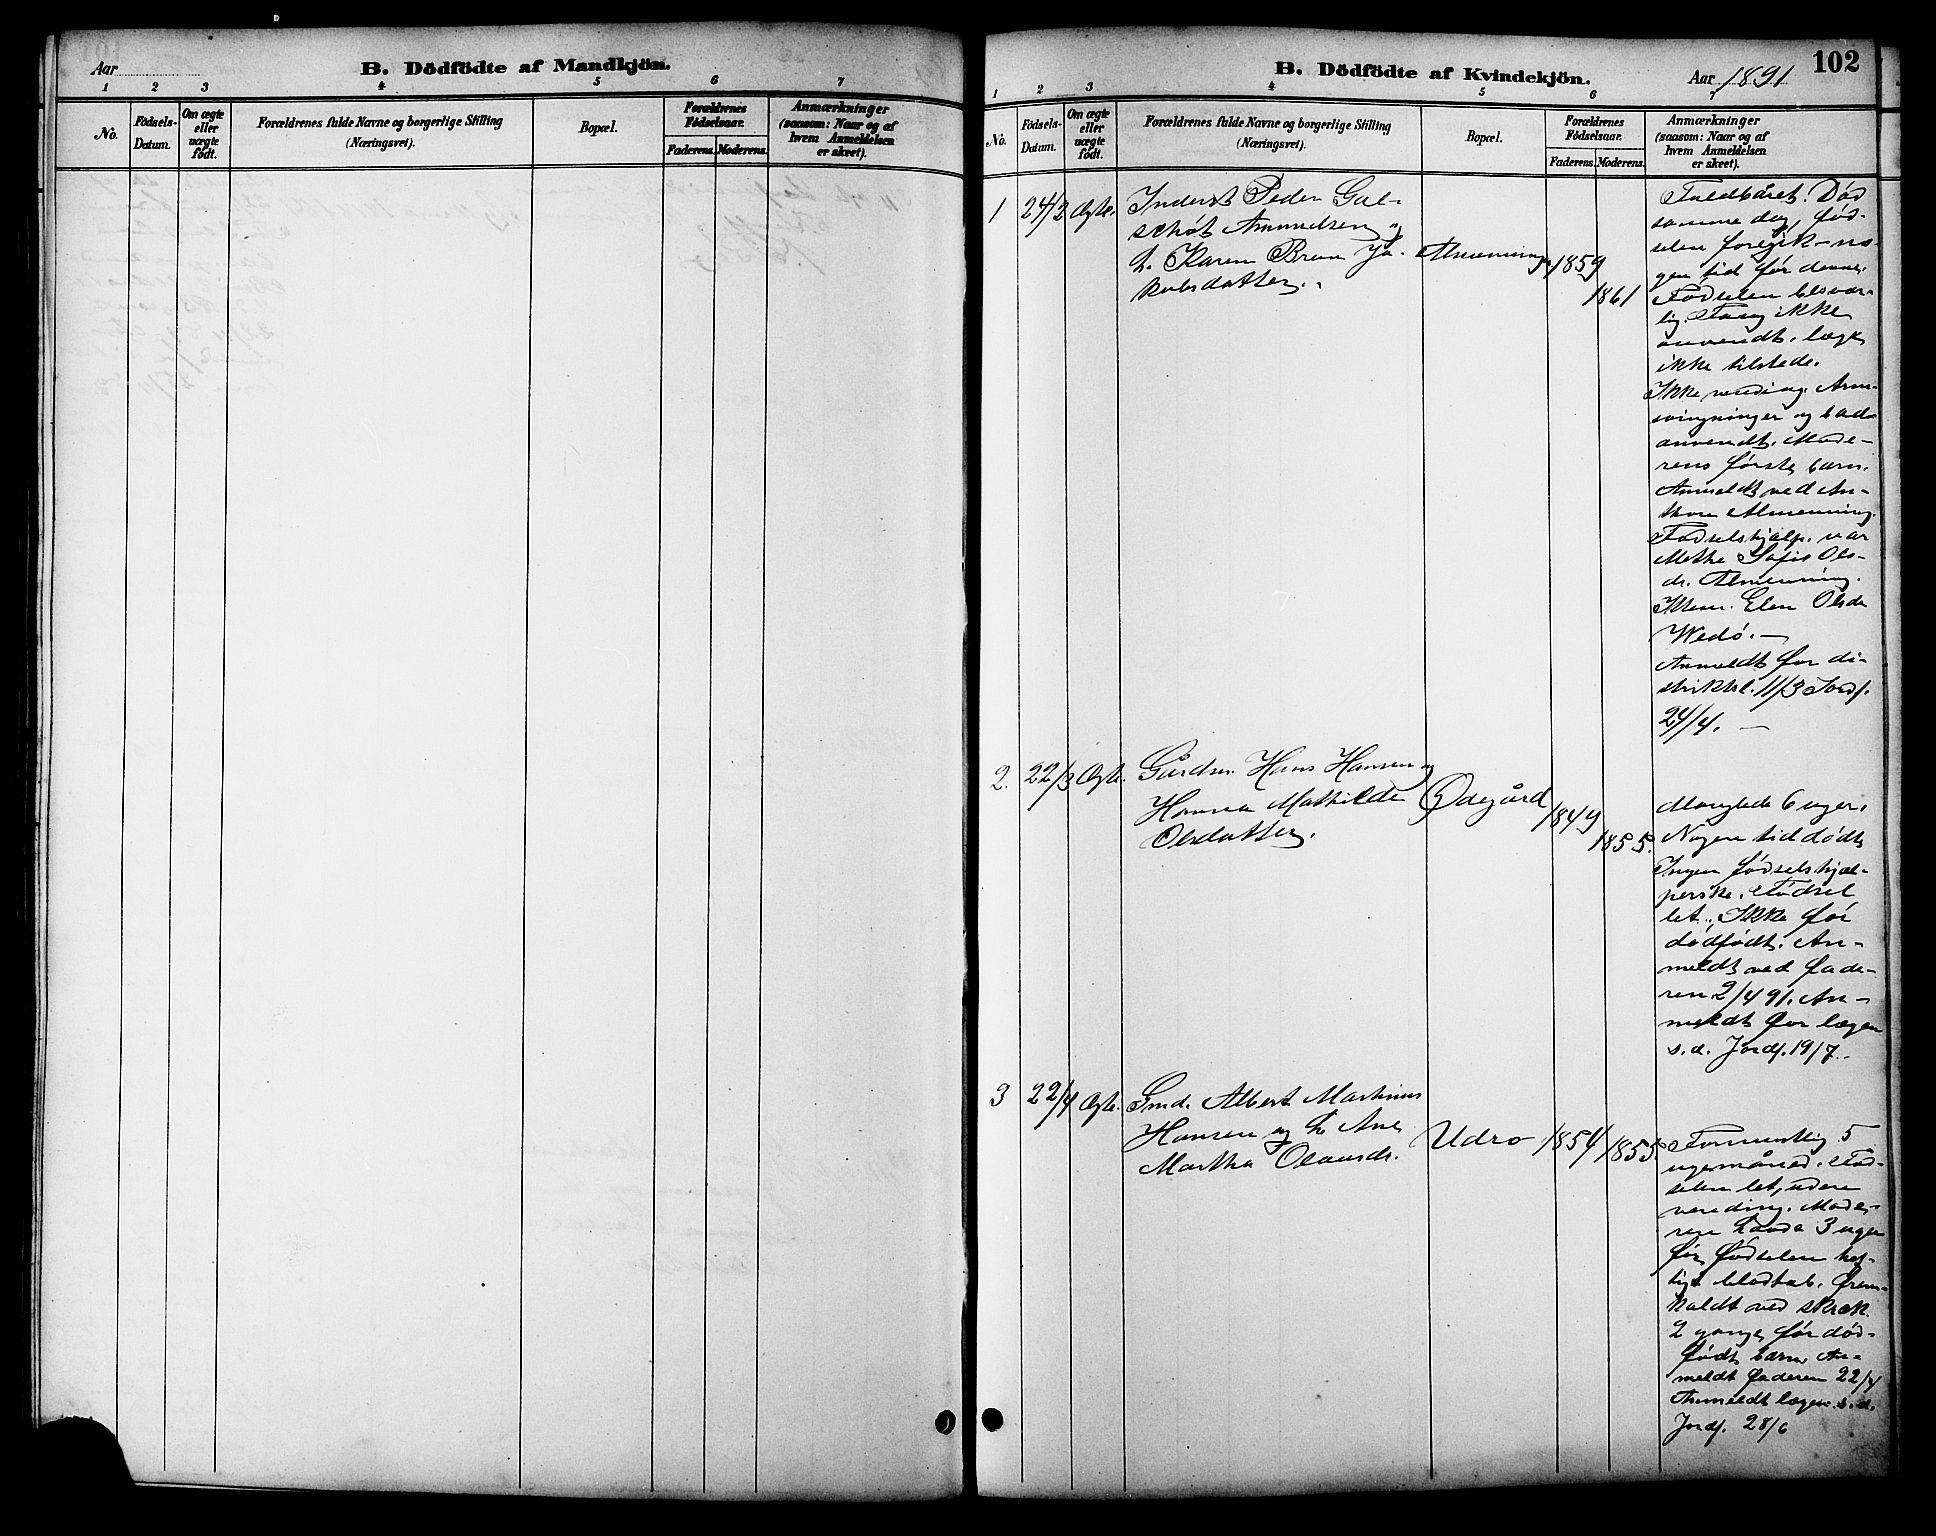 SAT, Ministerialprotokoller, klokkerbøker og fødselsregistre - Sør-Trøndelag, 657/L0716: Klokkerbok nr. 657C03, 1889-1904, s. 102